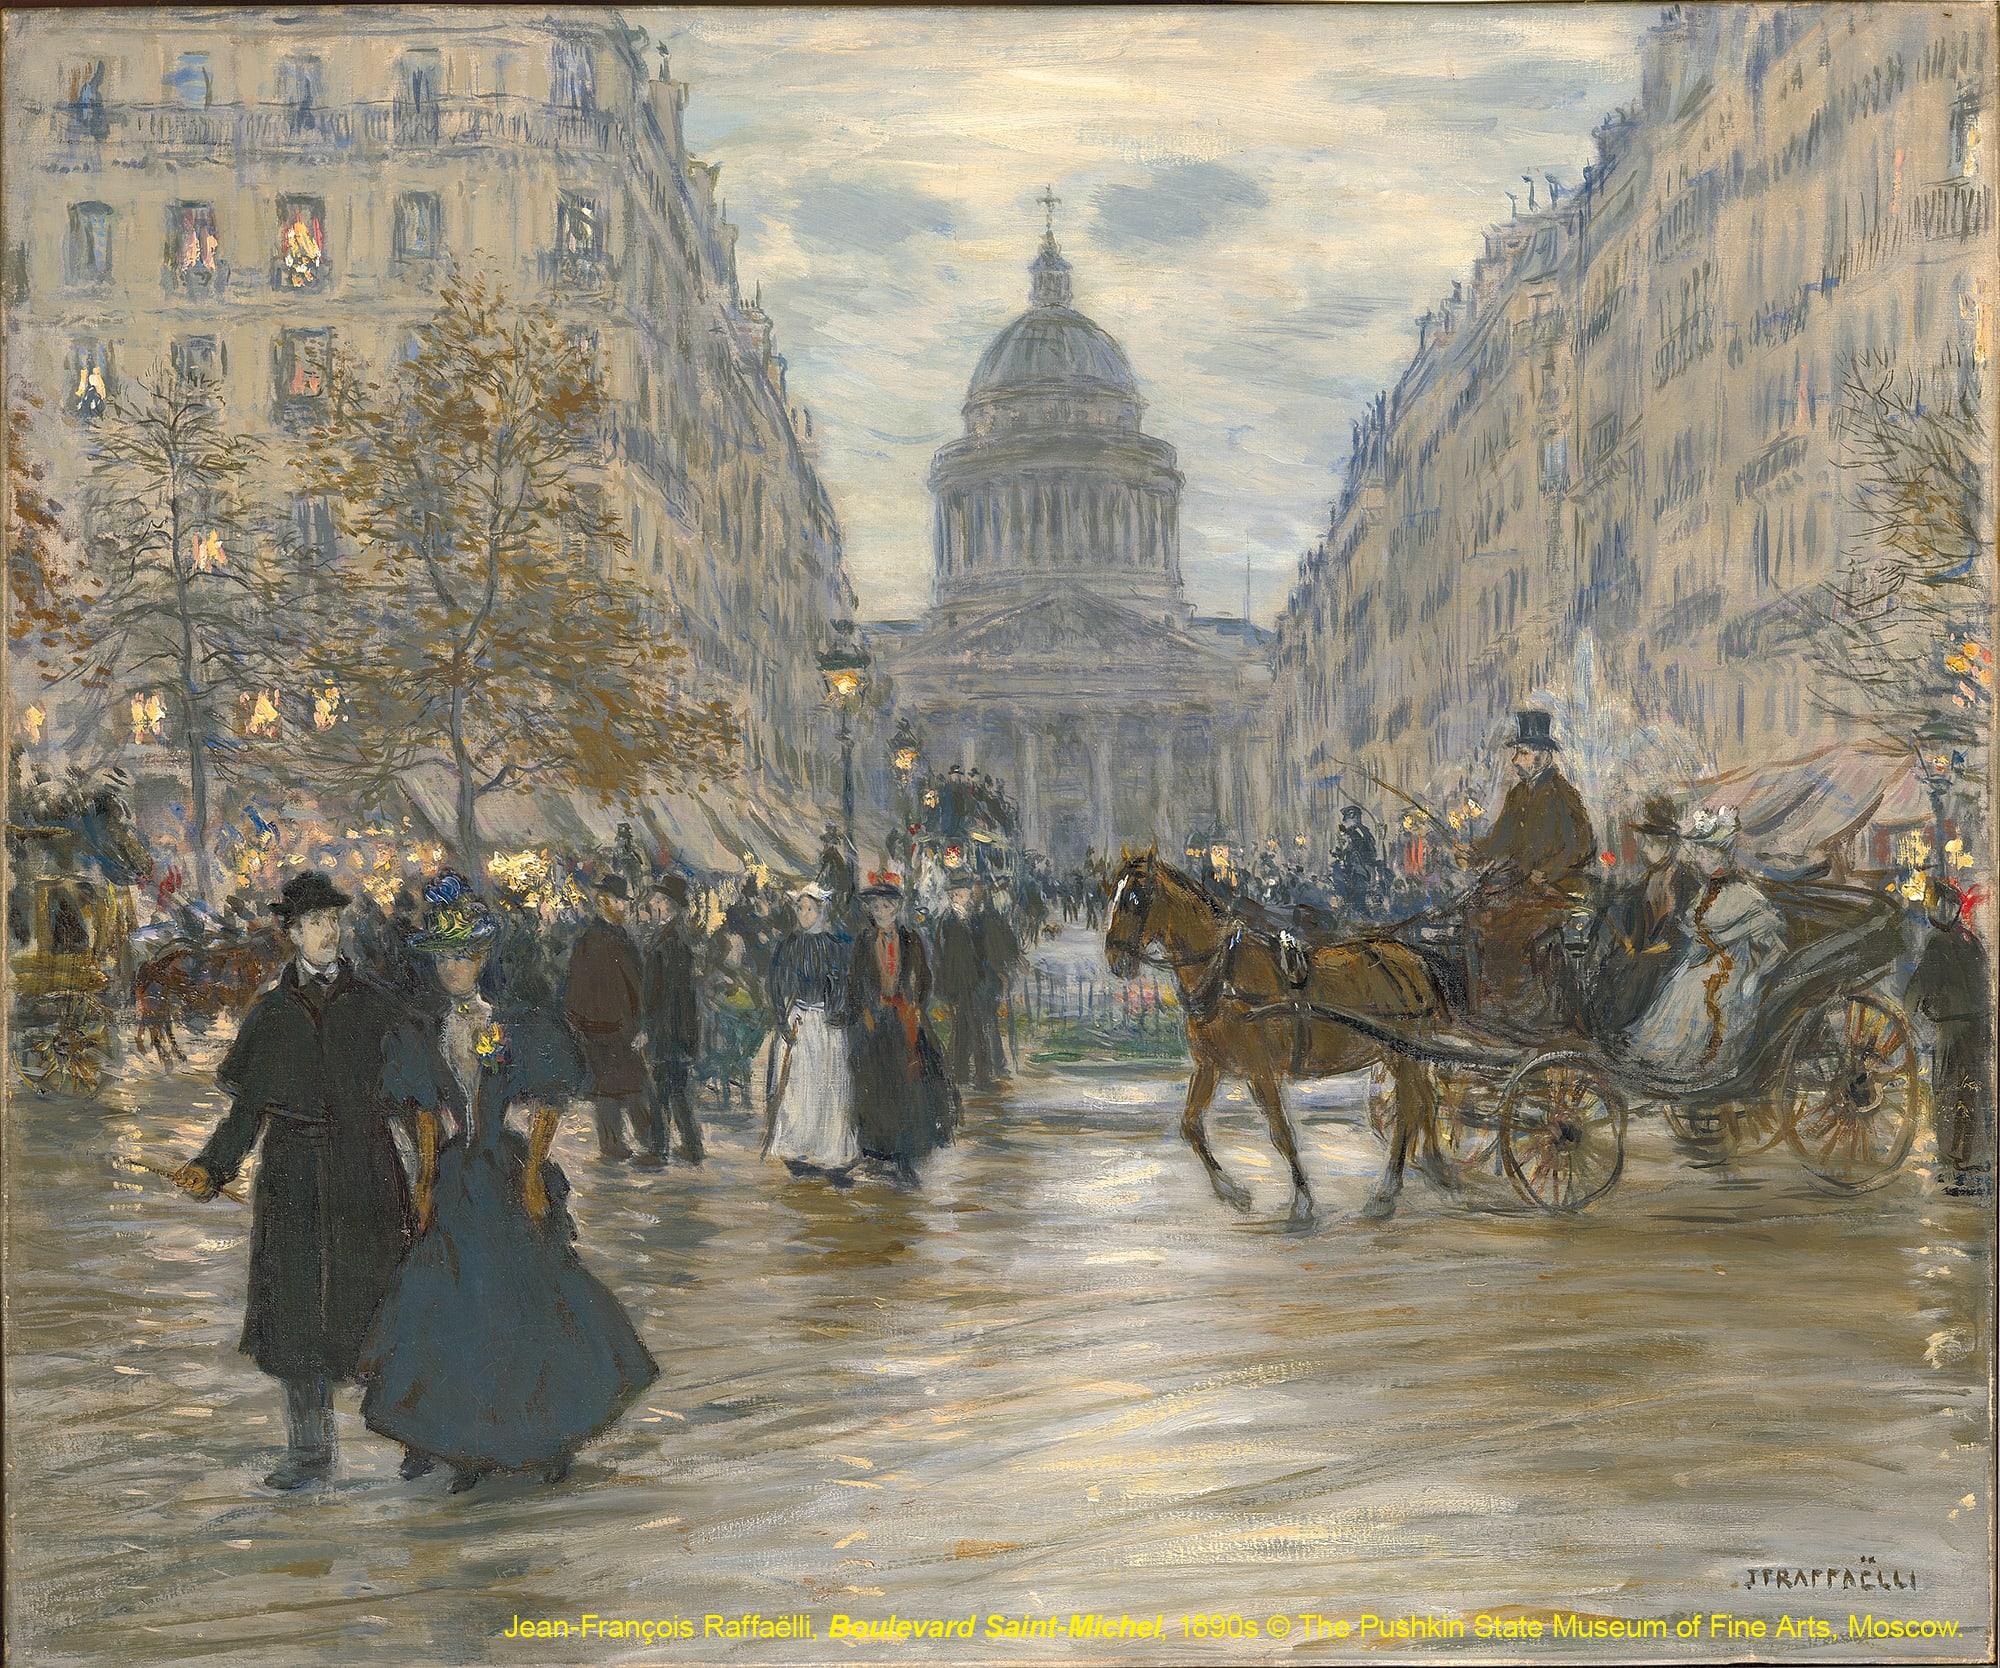 台北展覽俄羅斯普希金博物館特展,聖米歇爾大道Boulevard Saint-Michel / 尚-法蘭索瓦·哈斐利Jean-François Raffaëlli / 1890s